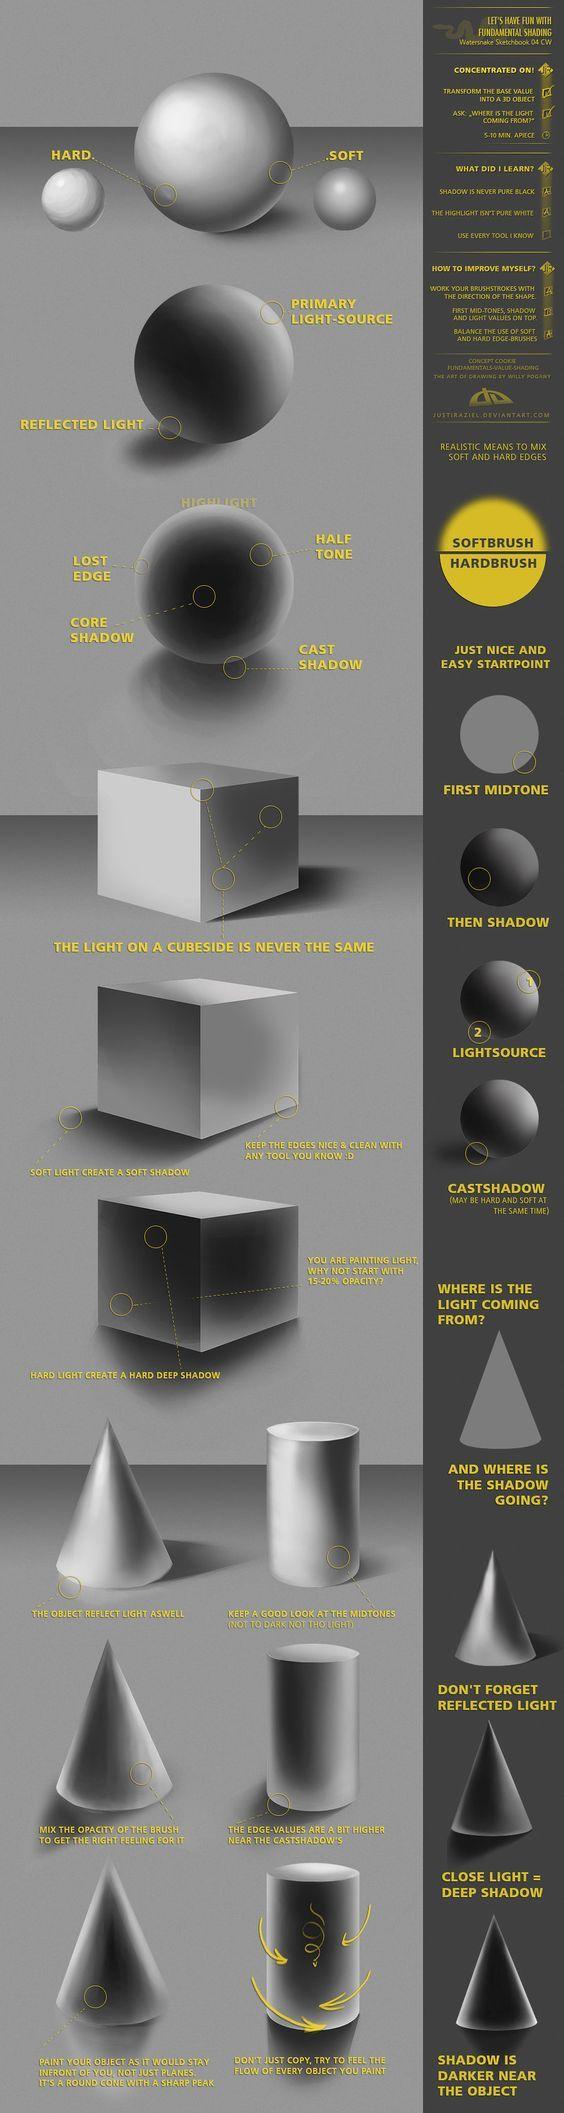 How Light Works